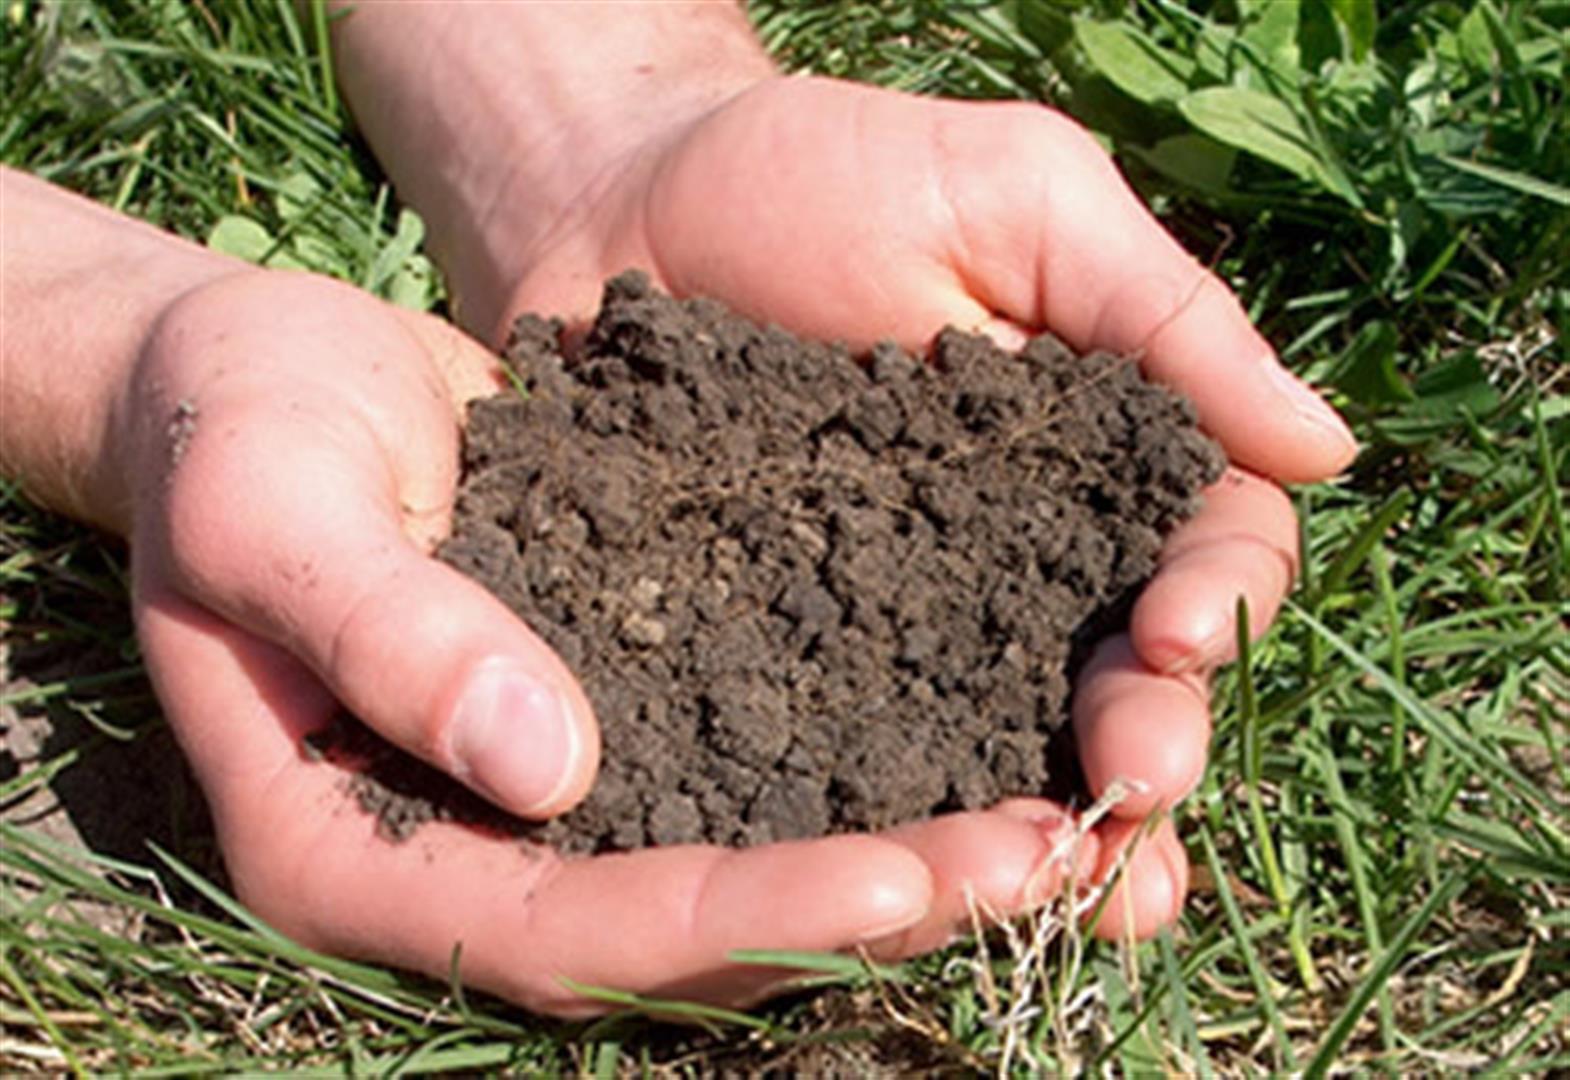 Sufinanciranje uzimanja uzorka za kontrolu plodnosti tla